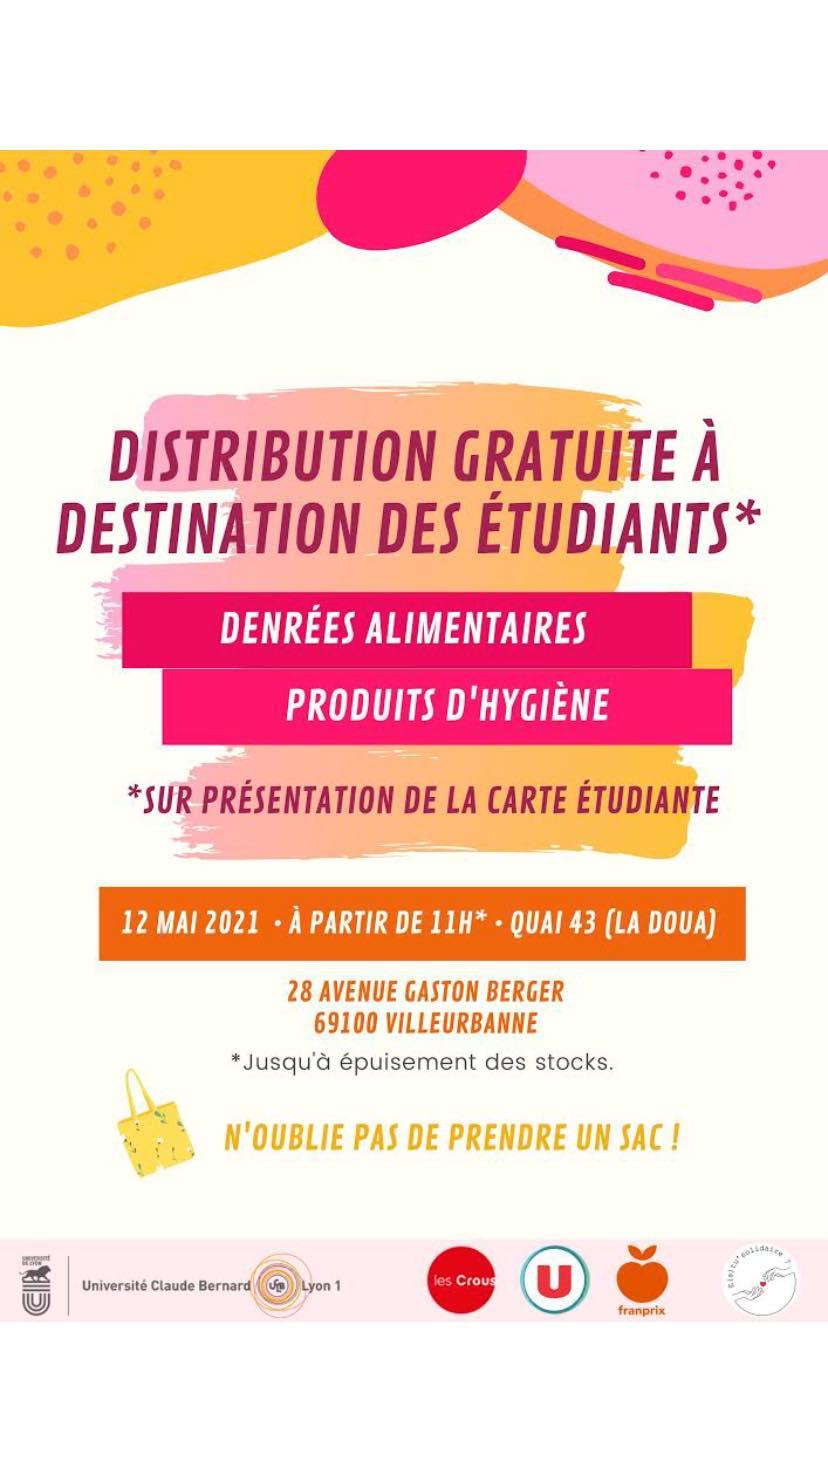 [Etudiants] Distribution gratuite de produits alimentaire et d'hygiène - Lyon (69)